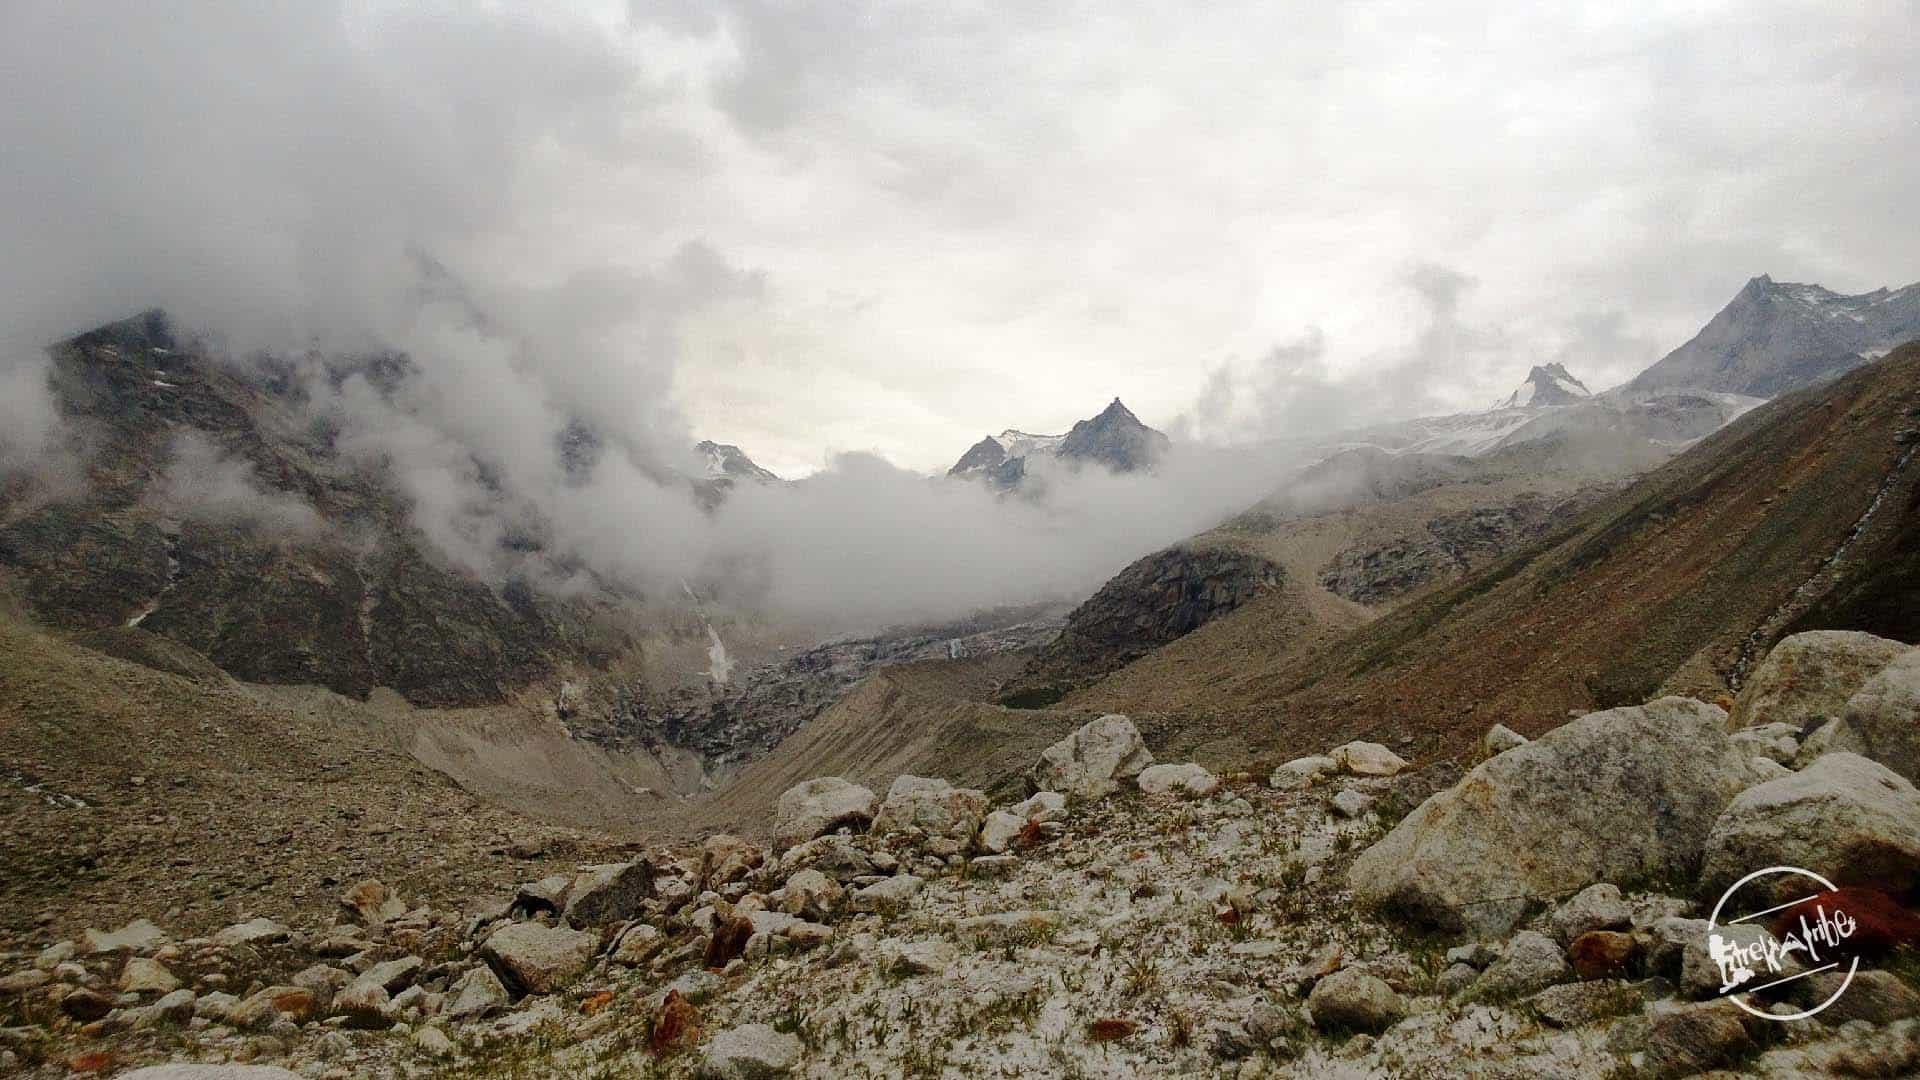 neekanth mahadev trekking - himachal pradesh